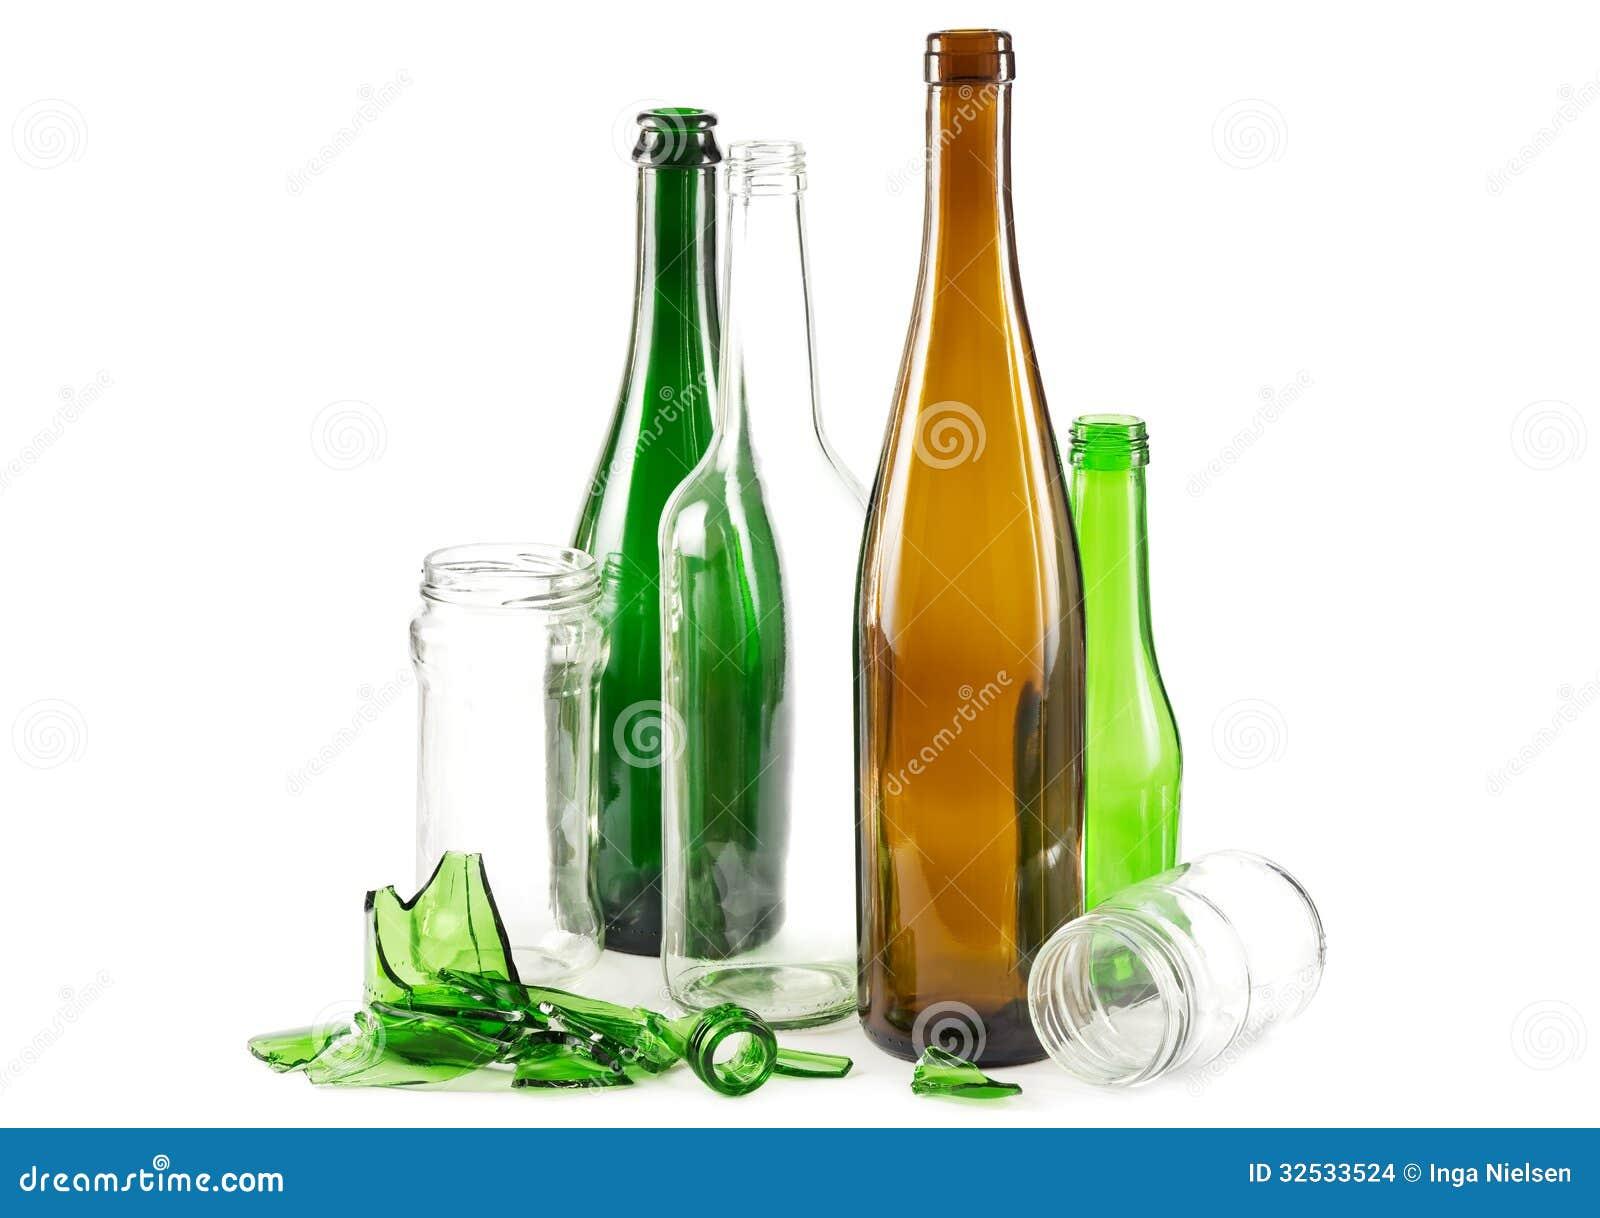 Basura del vidrio imagenes de archivo imagen 32533524 - Precio del vidrio ...